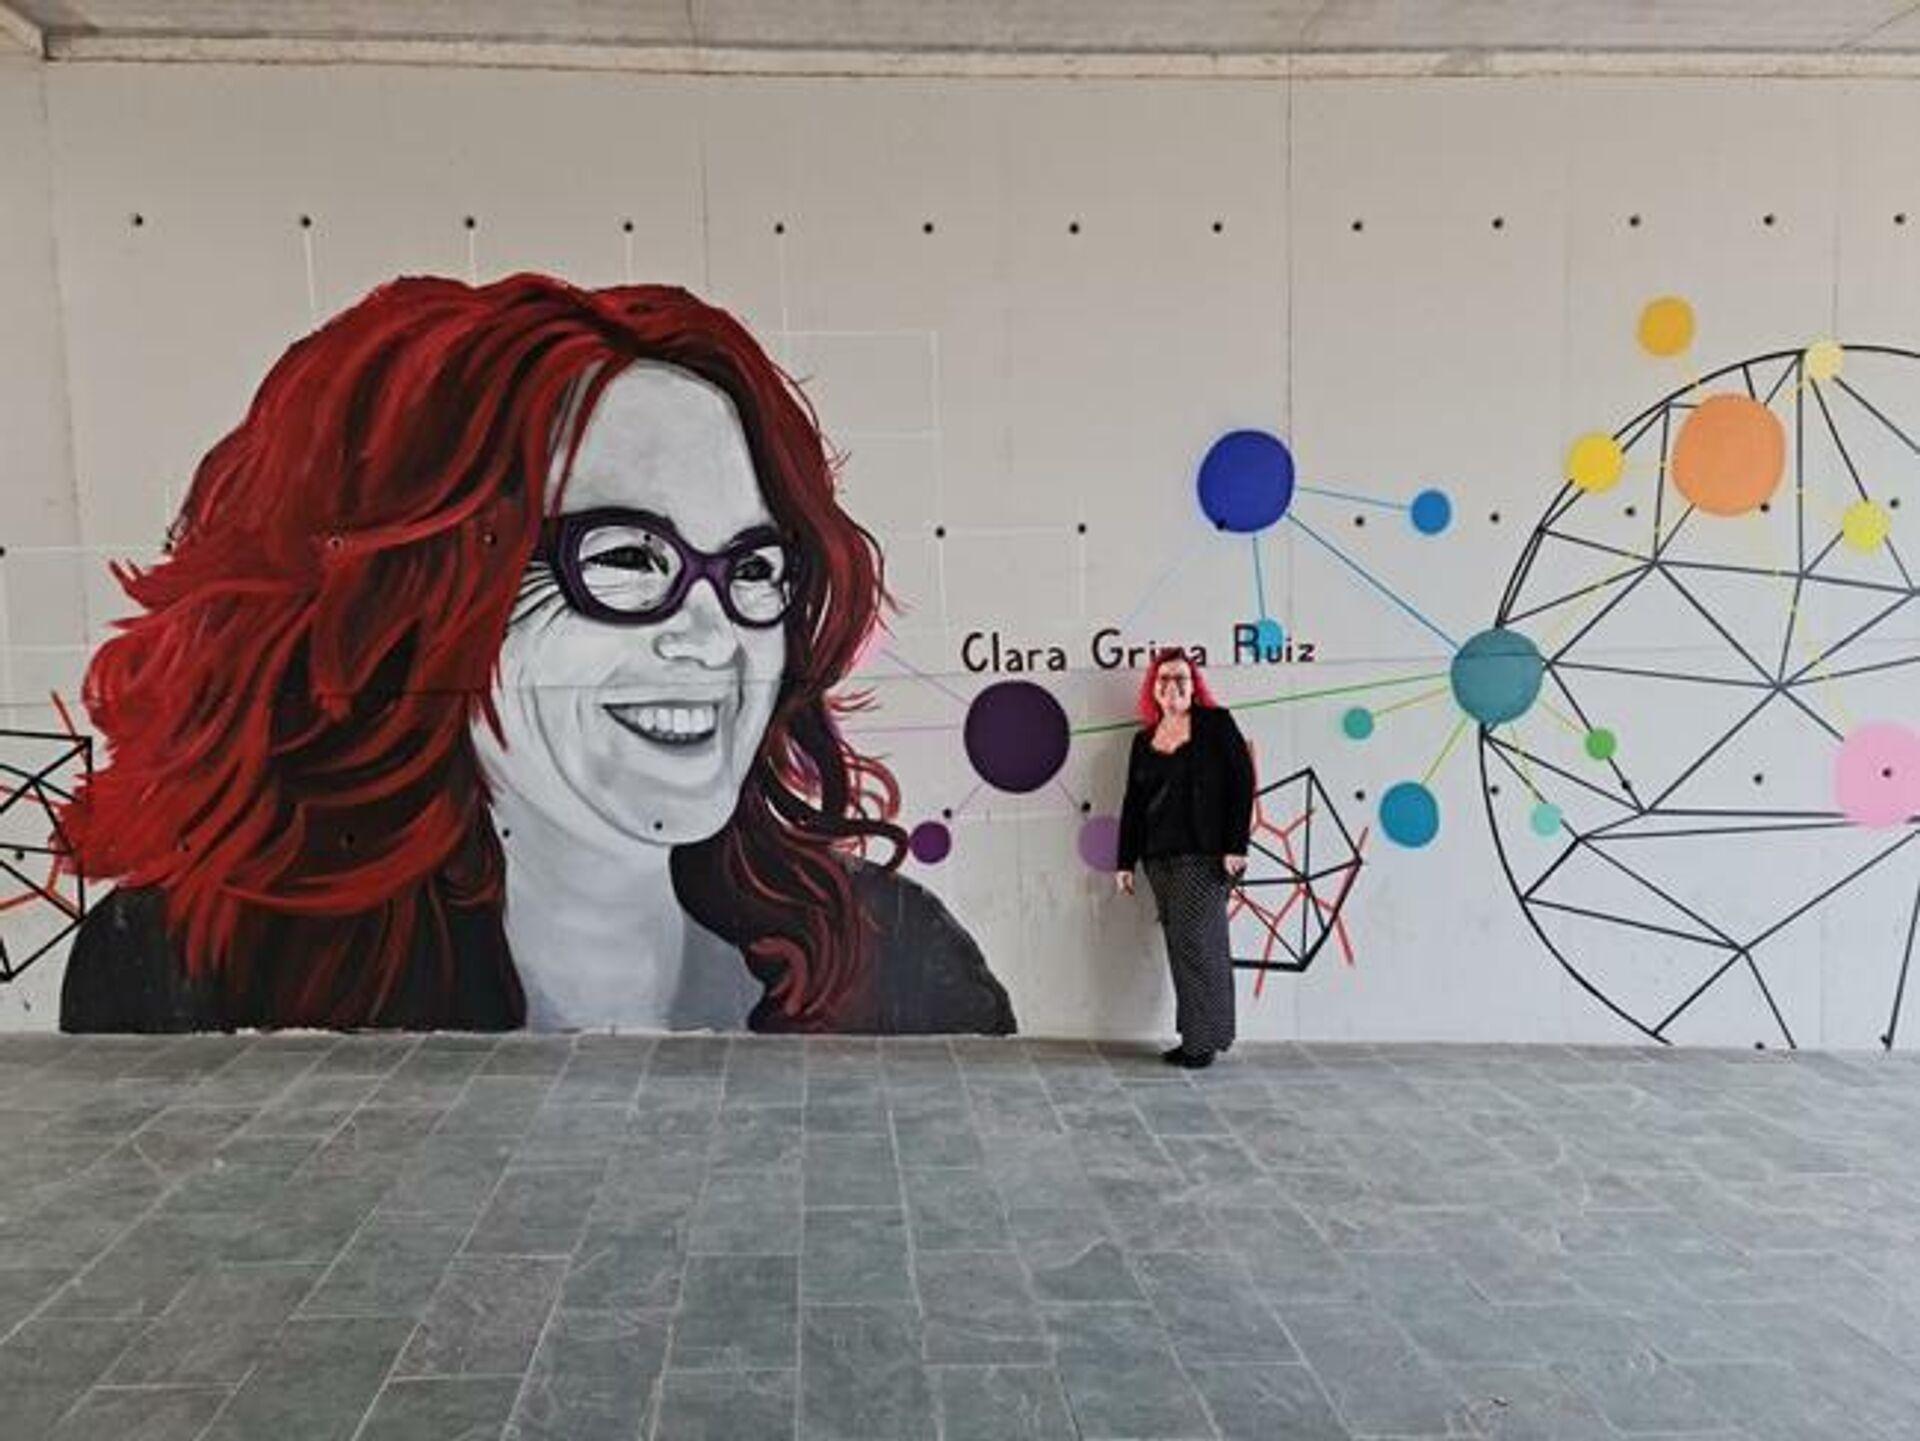 Clara Grima ante un mural en su honor en Sevilla - Sputnik Mundo, 1920, 06.09.2021